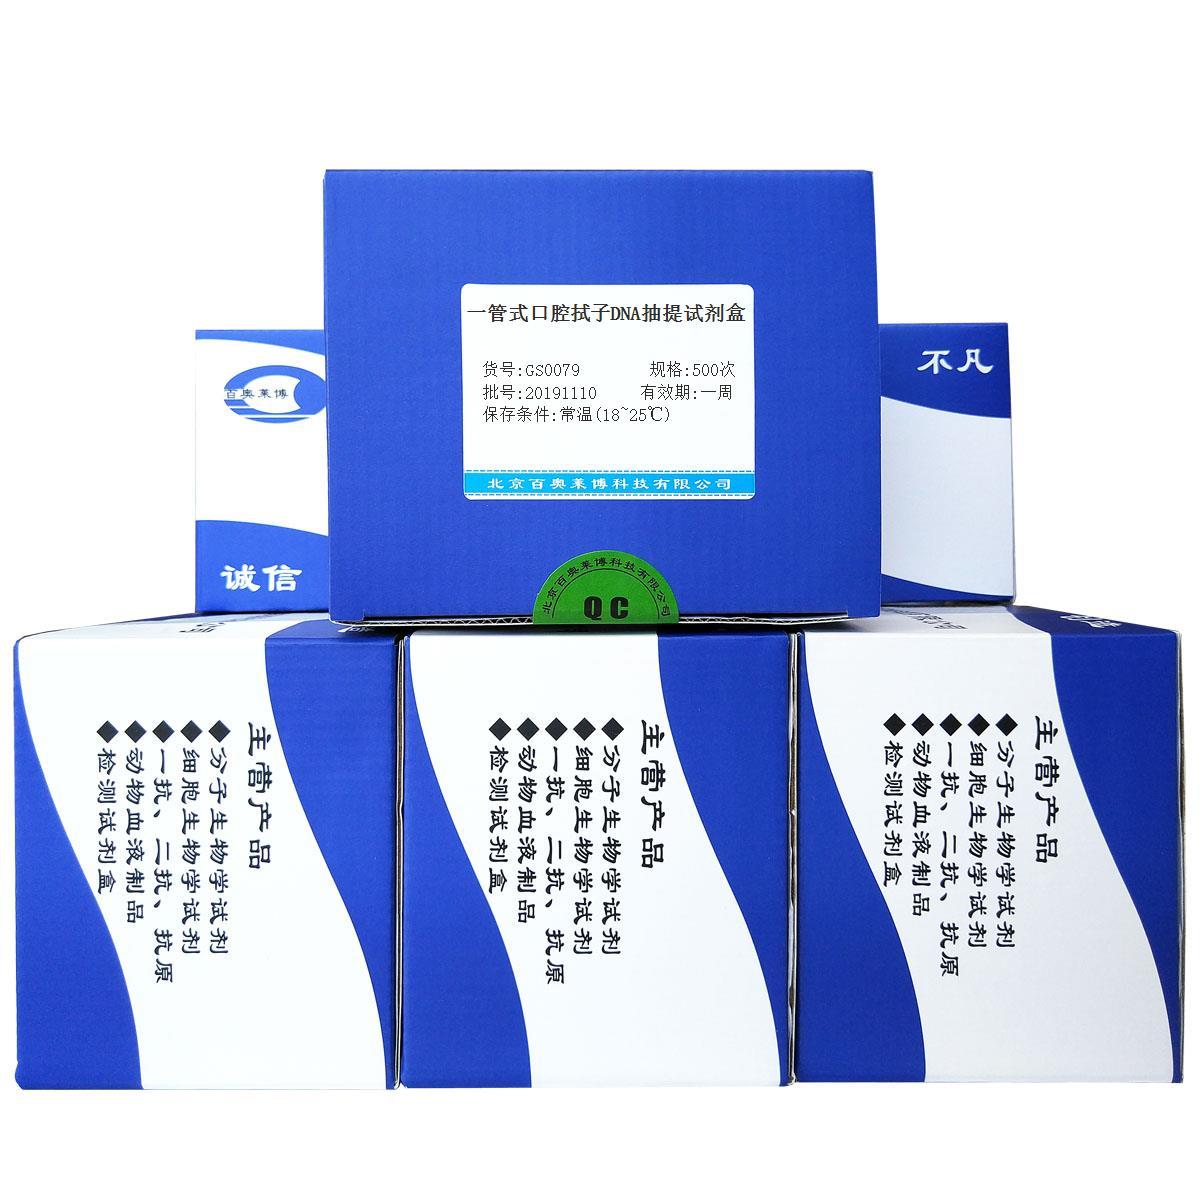 一管式口腔拭子DNA抽提试剂盒北京品牌